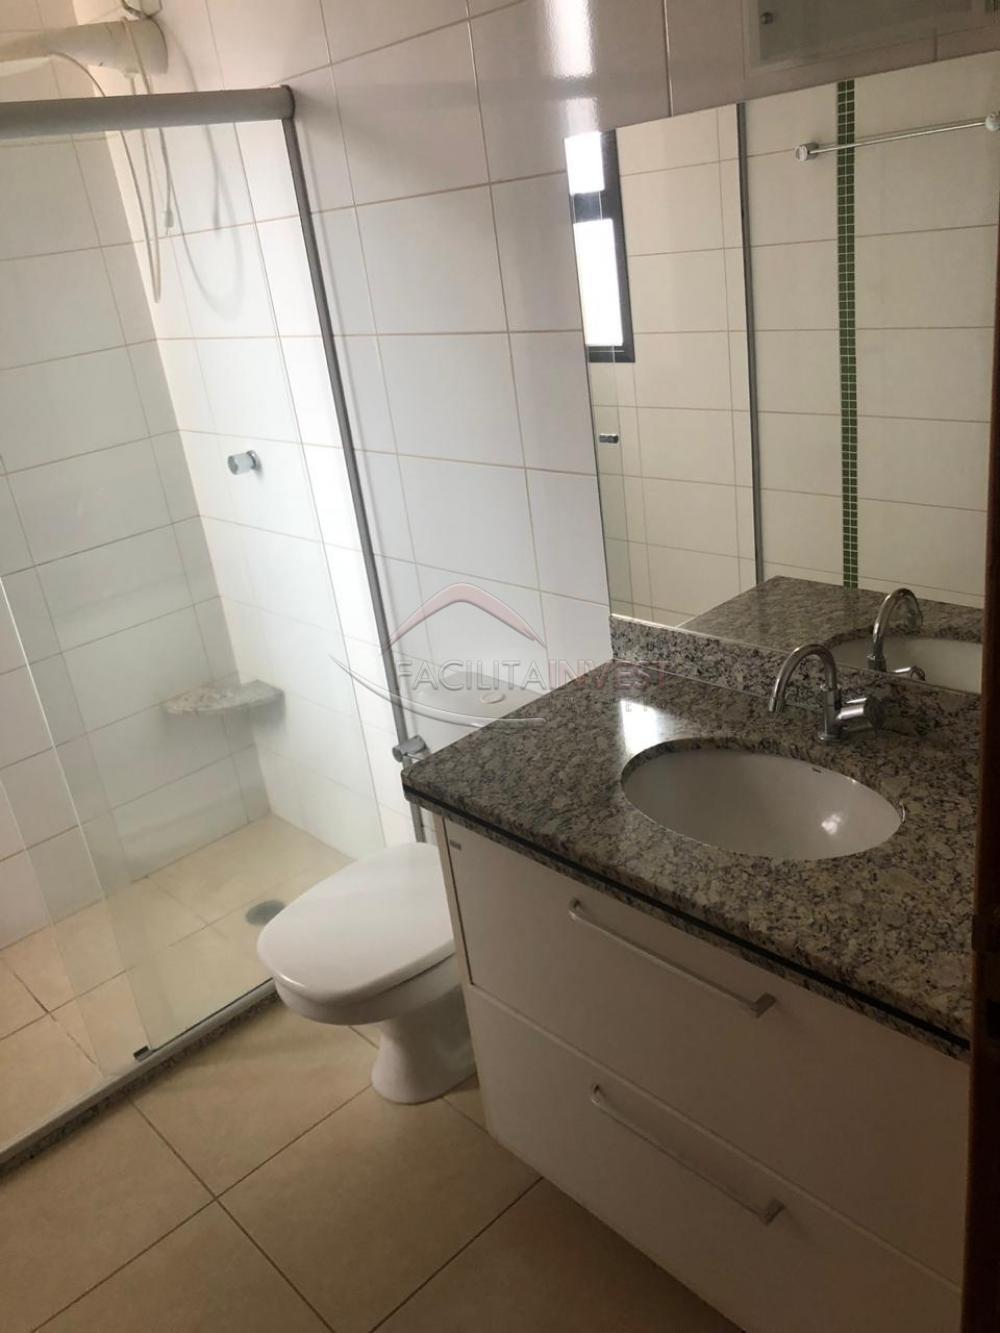 Alugar Apartamentos / Apart. Padrão em Ribeirão Preto apenas R$ 2.200,00 - Foto 18